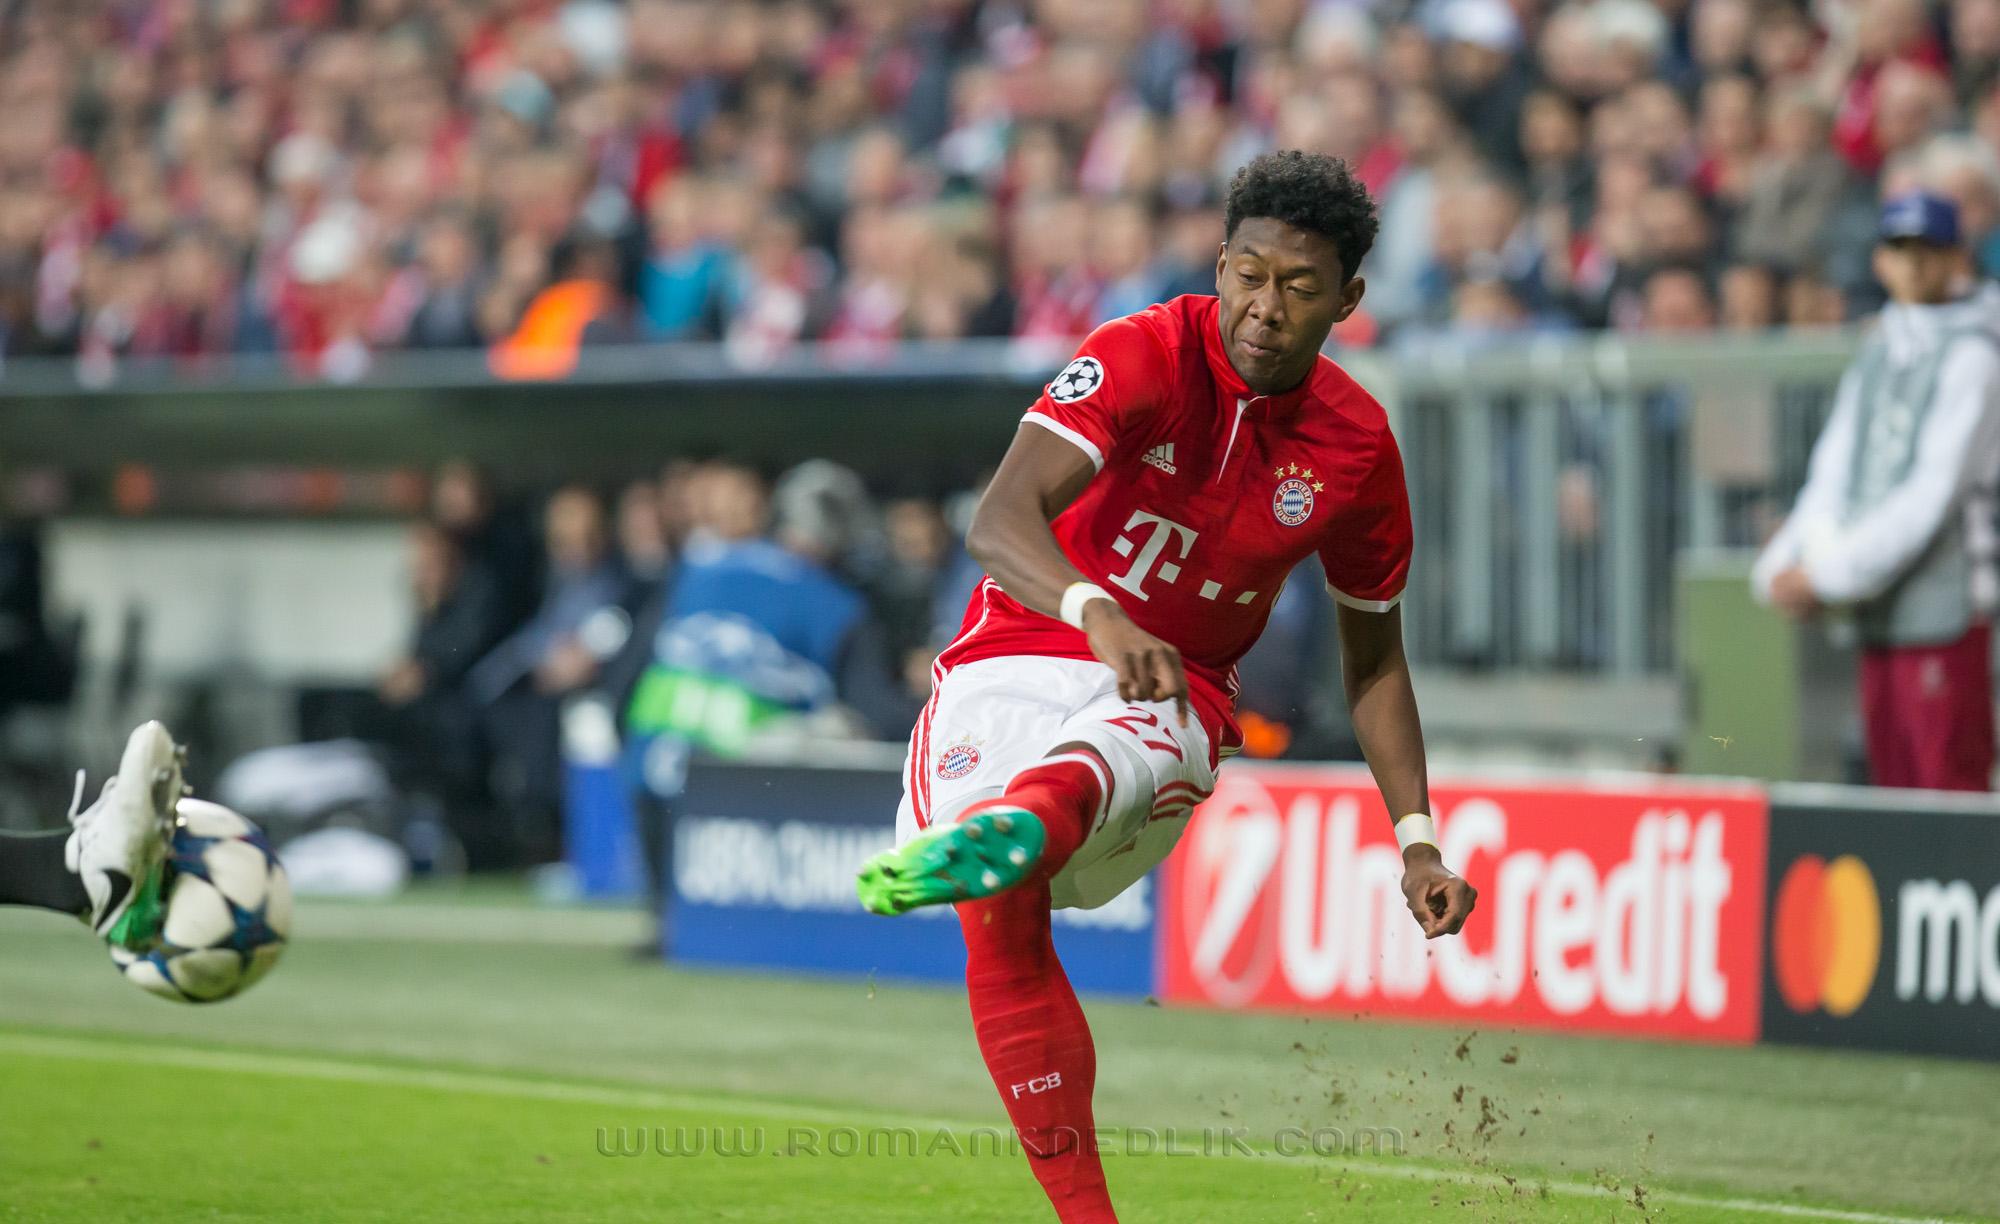 Bayern_Real_LM_12042017-13